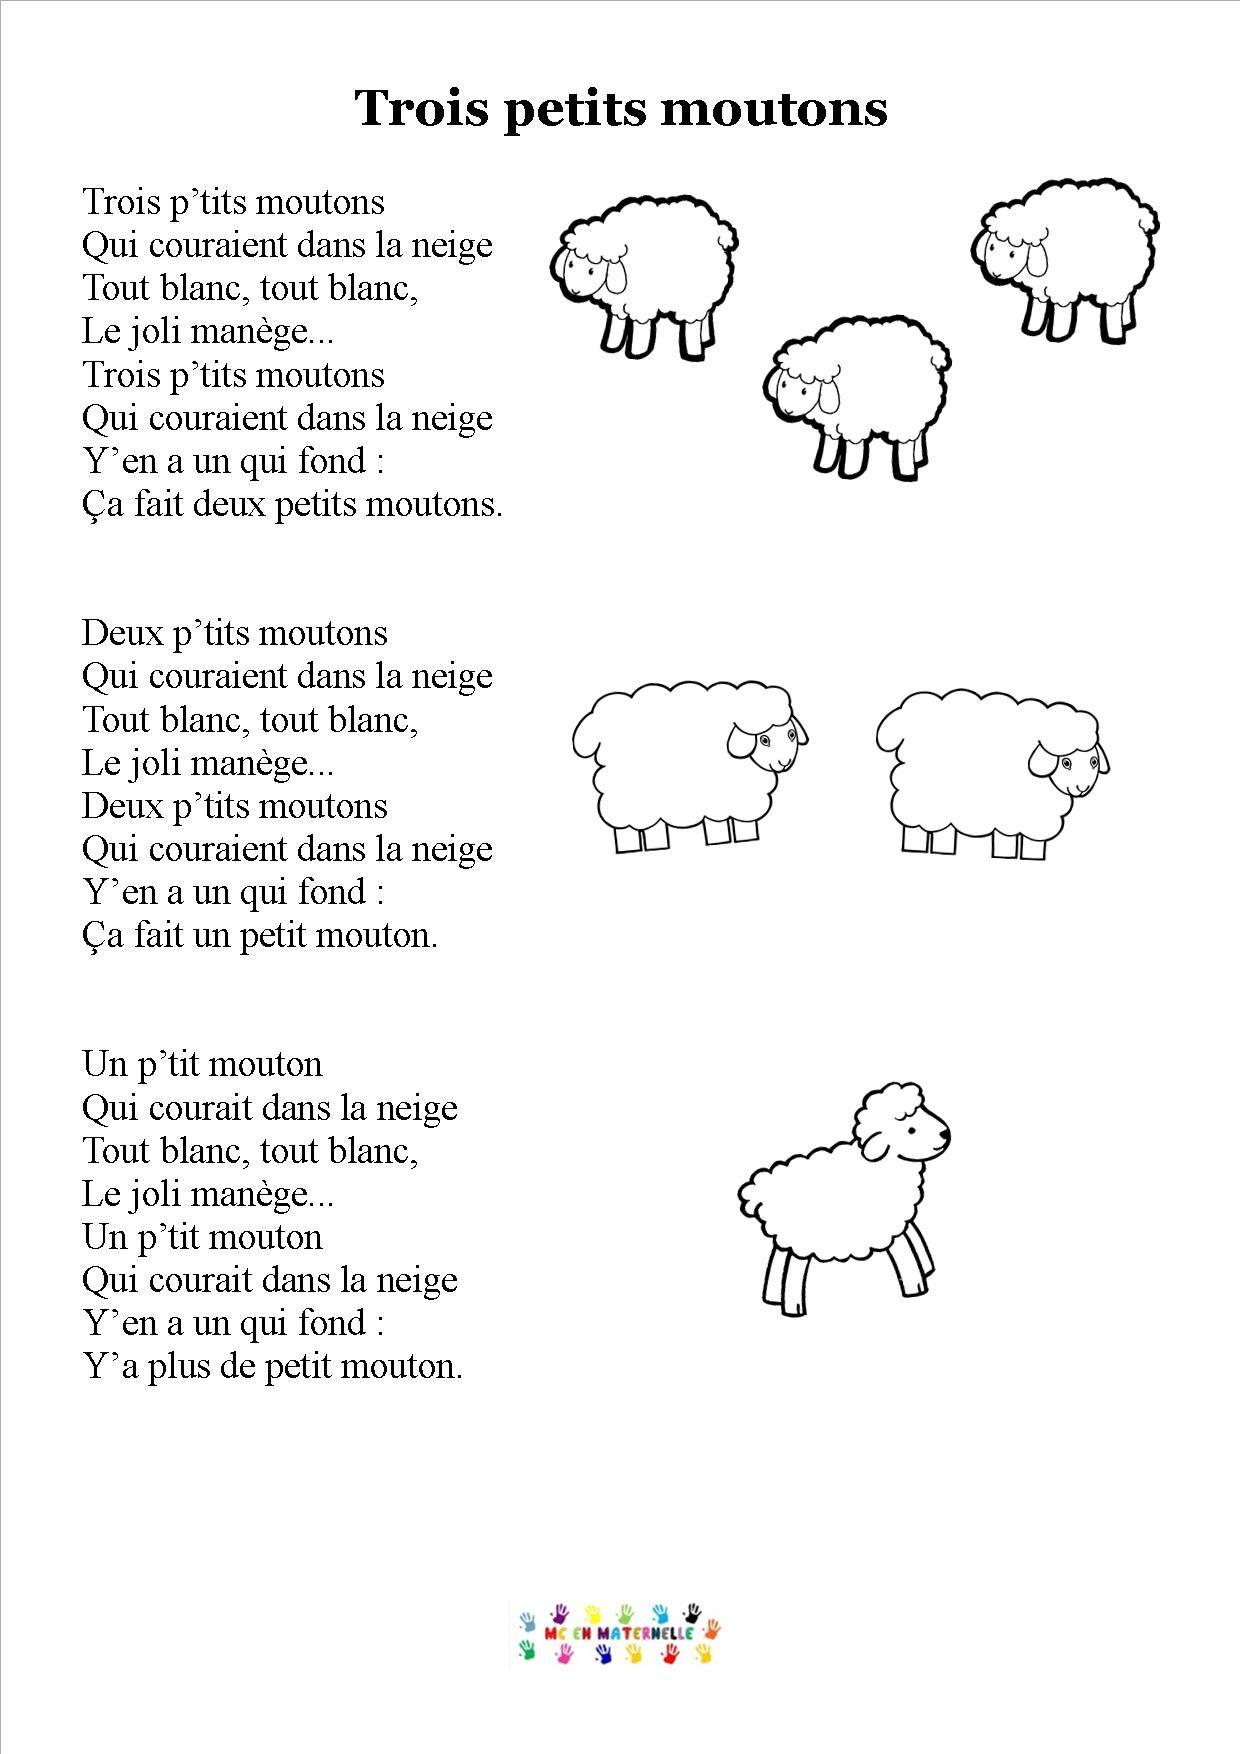 Trois Petits Moutons (Avec Images) | Chansons Comptines intérieur Chanson A Imprimer